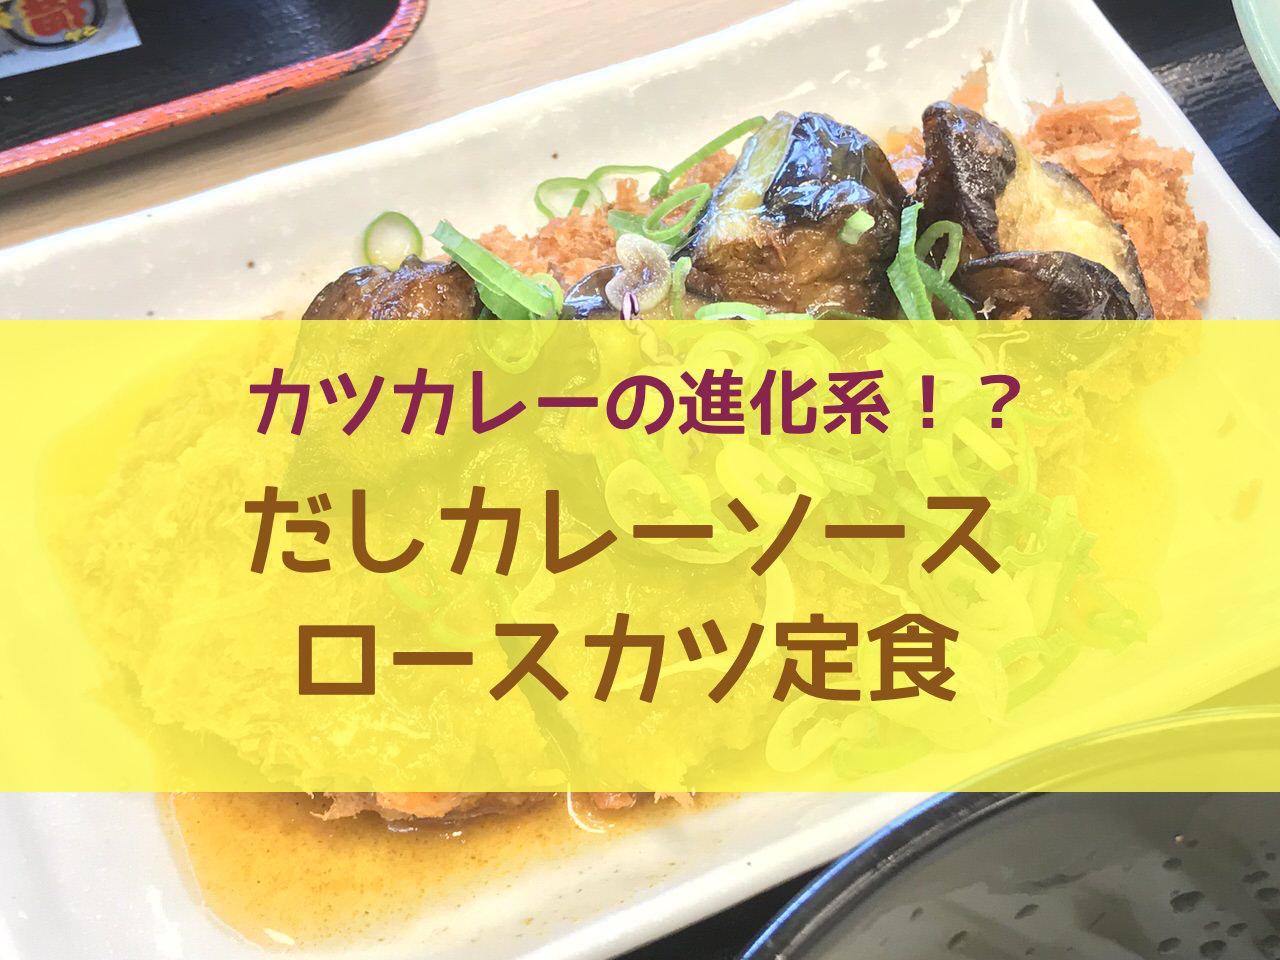 「松乃家」カツカレーとも一味違う!だしカレーソースで食べるとんかつ(590円)が美味